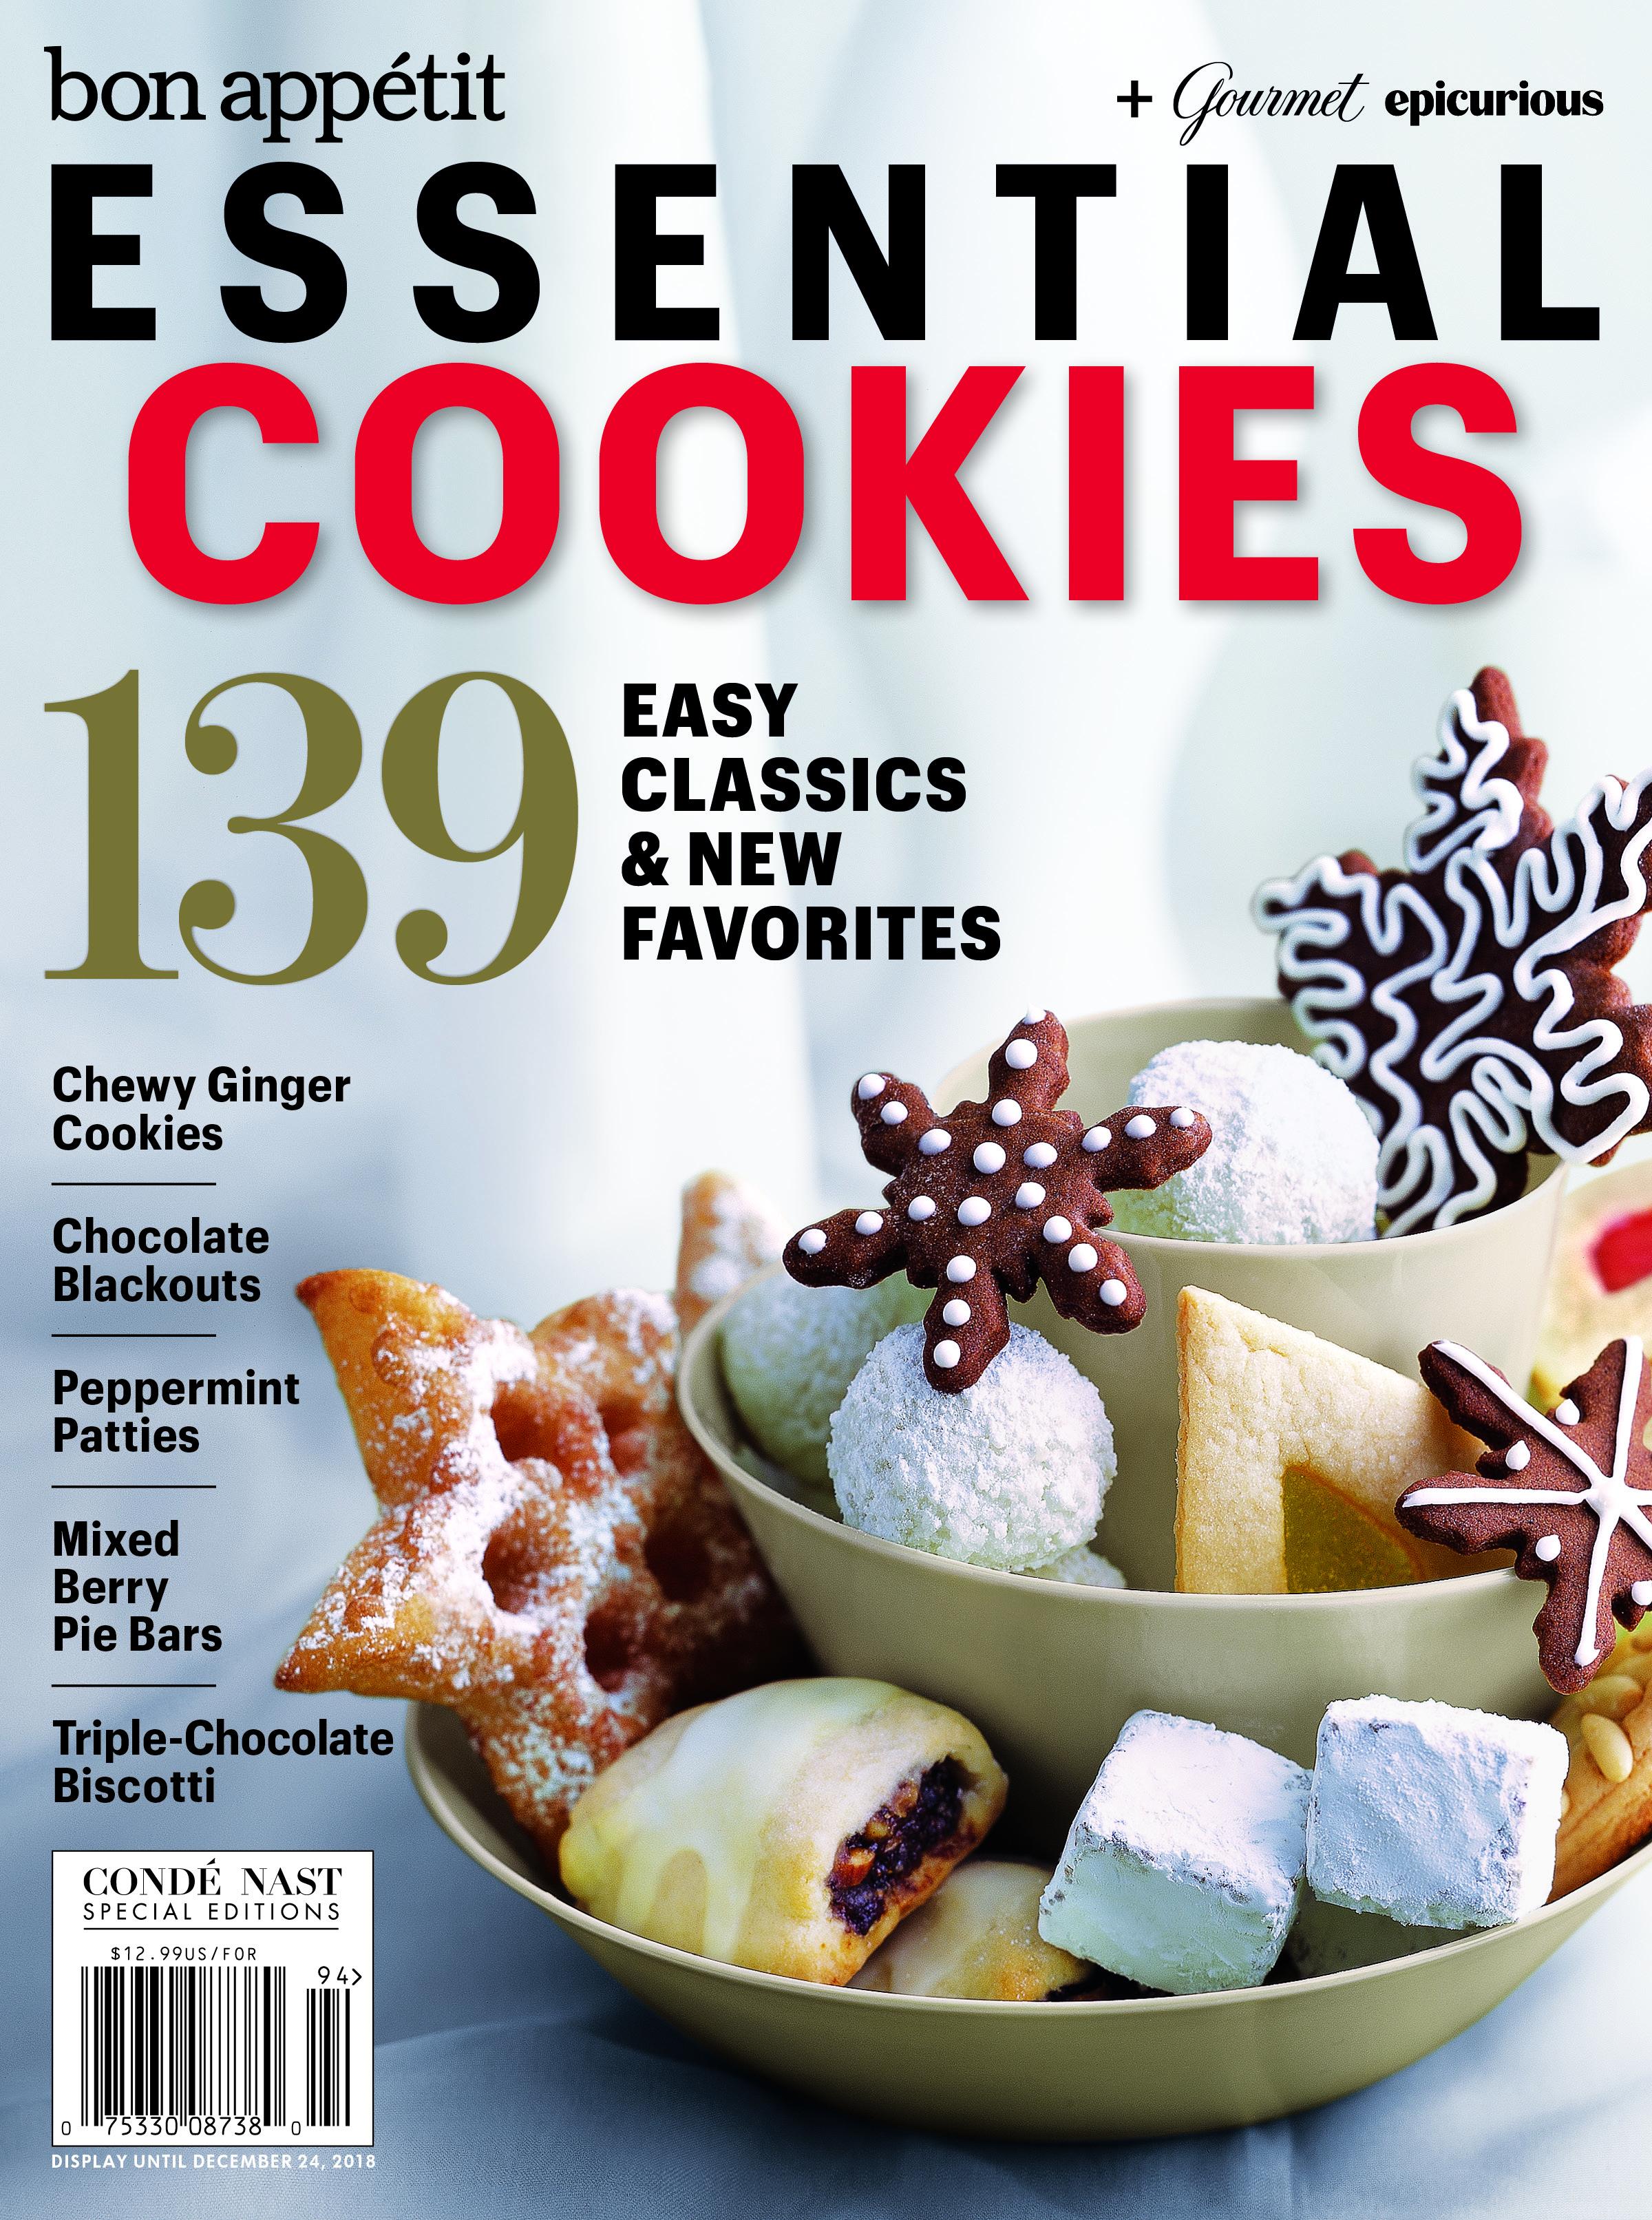 Essential_Cookies_Cover.jpg